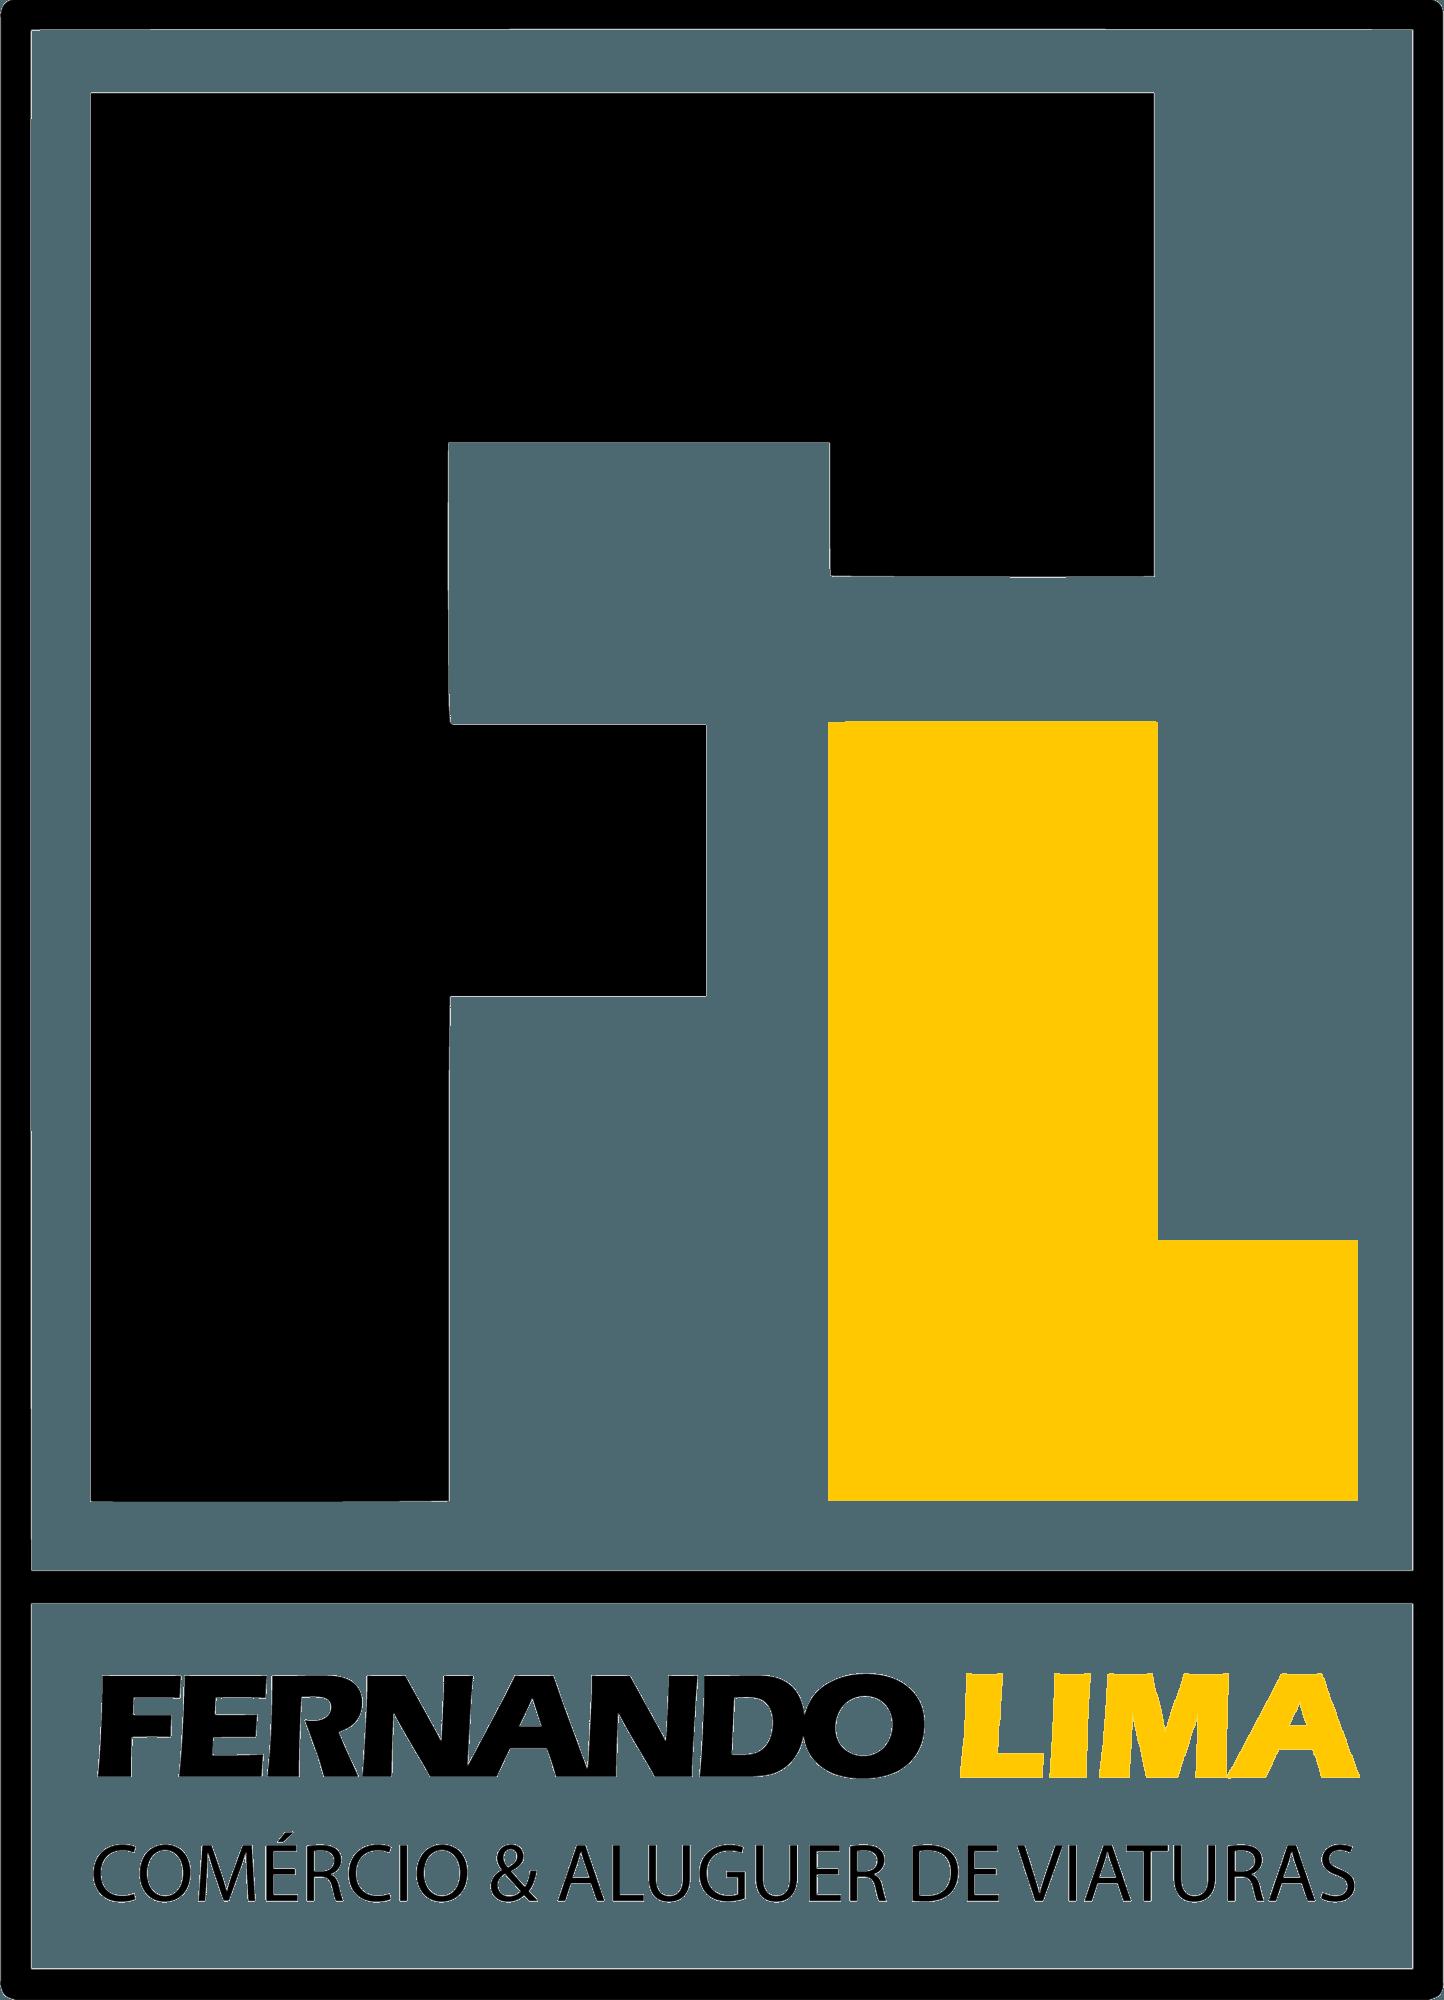 AUTO-LIMA DE FERNANDO LIMA